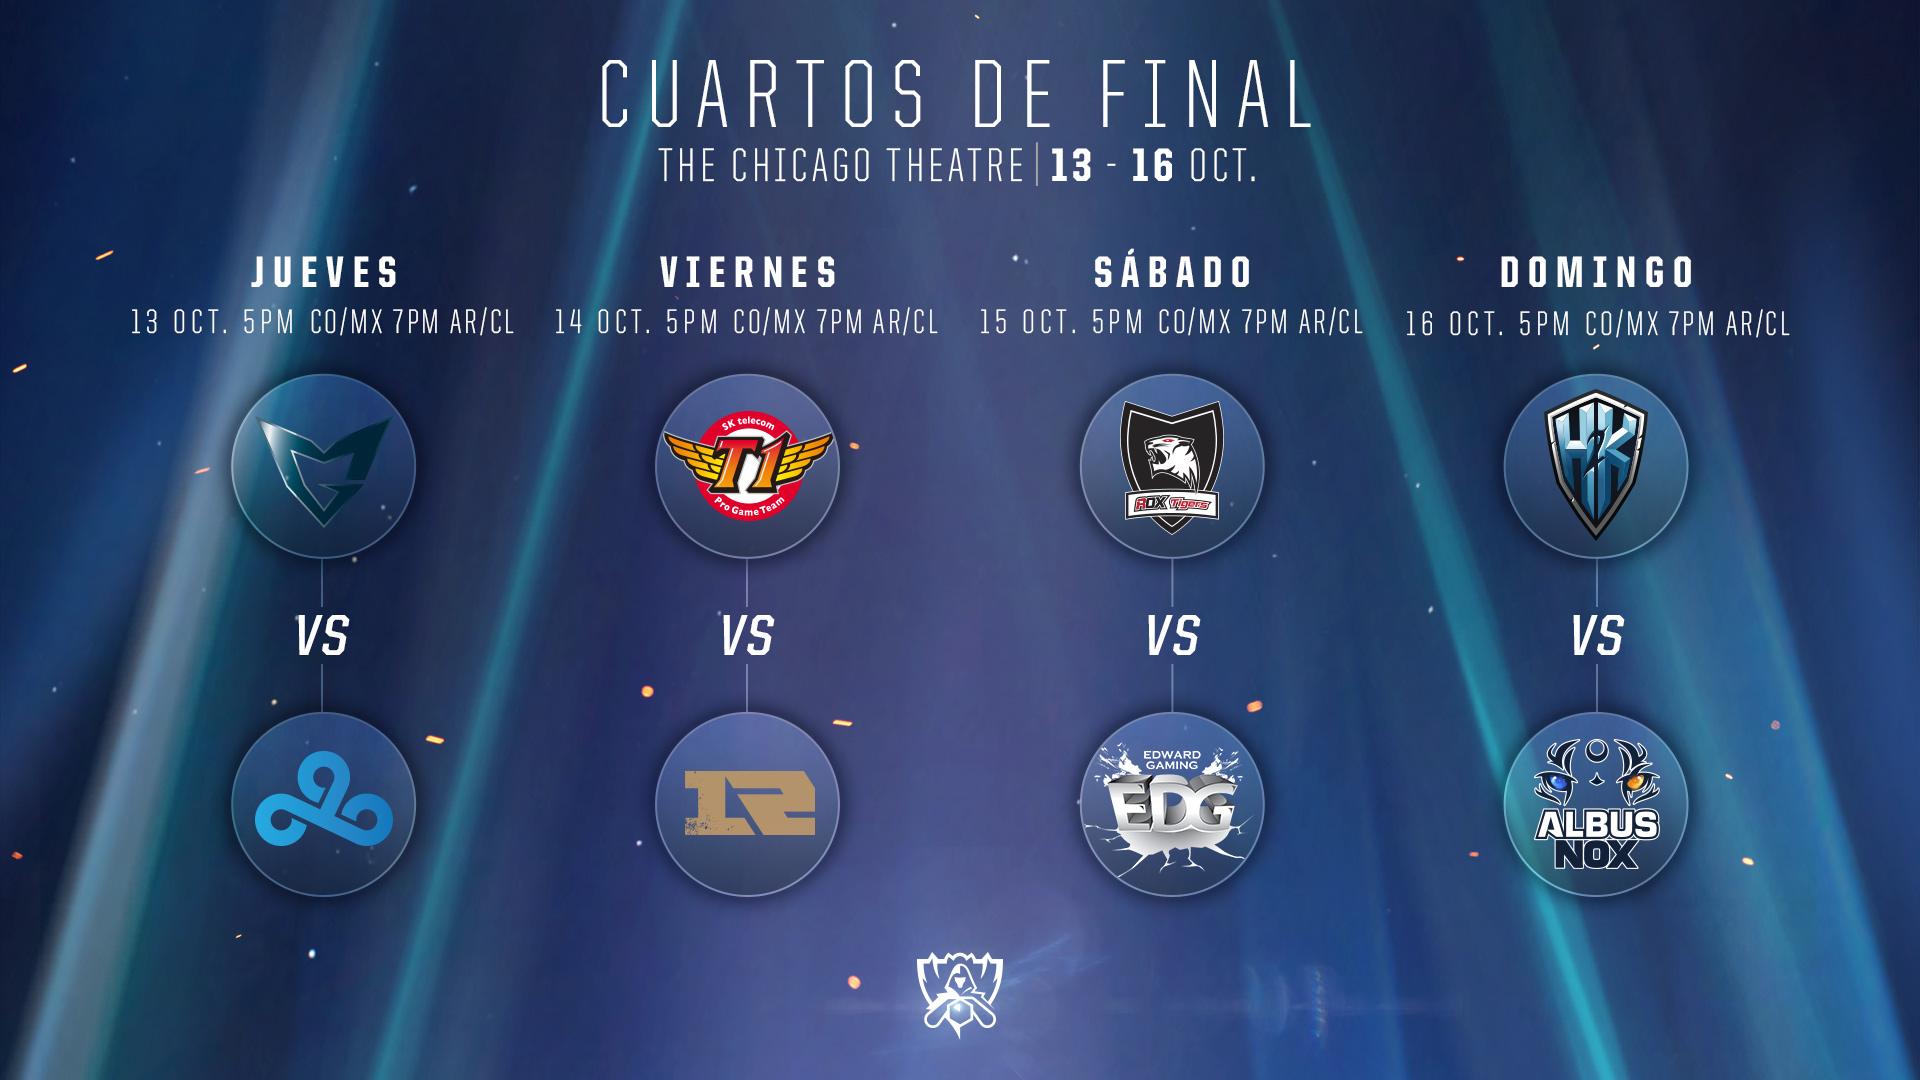 Conoce Más de los Cuartos de Final   LoL Esports LAS